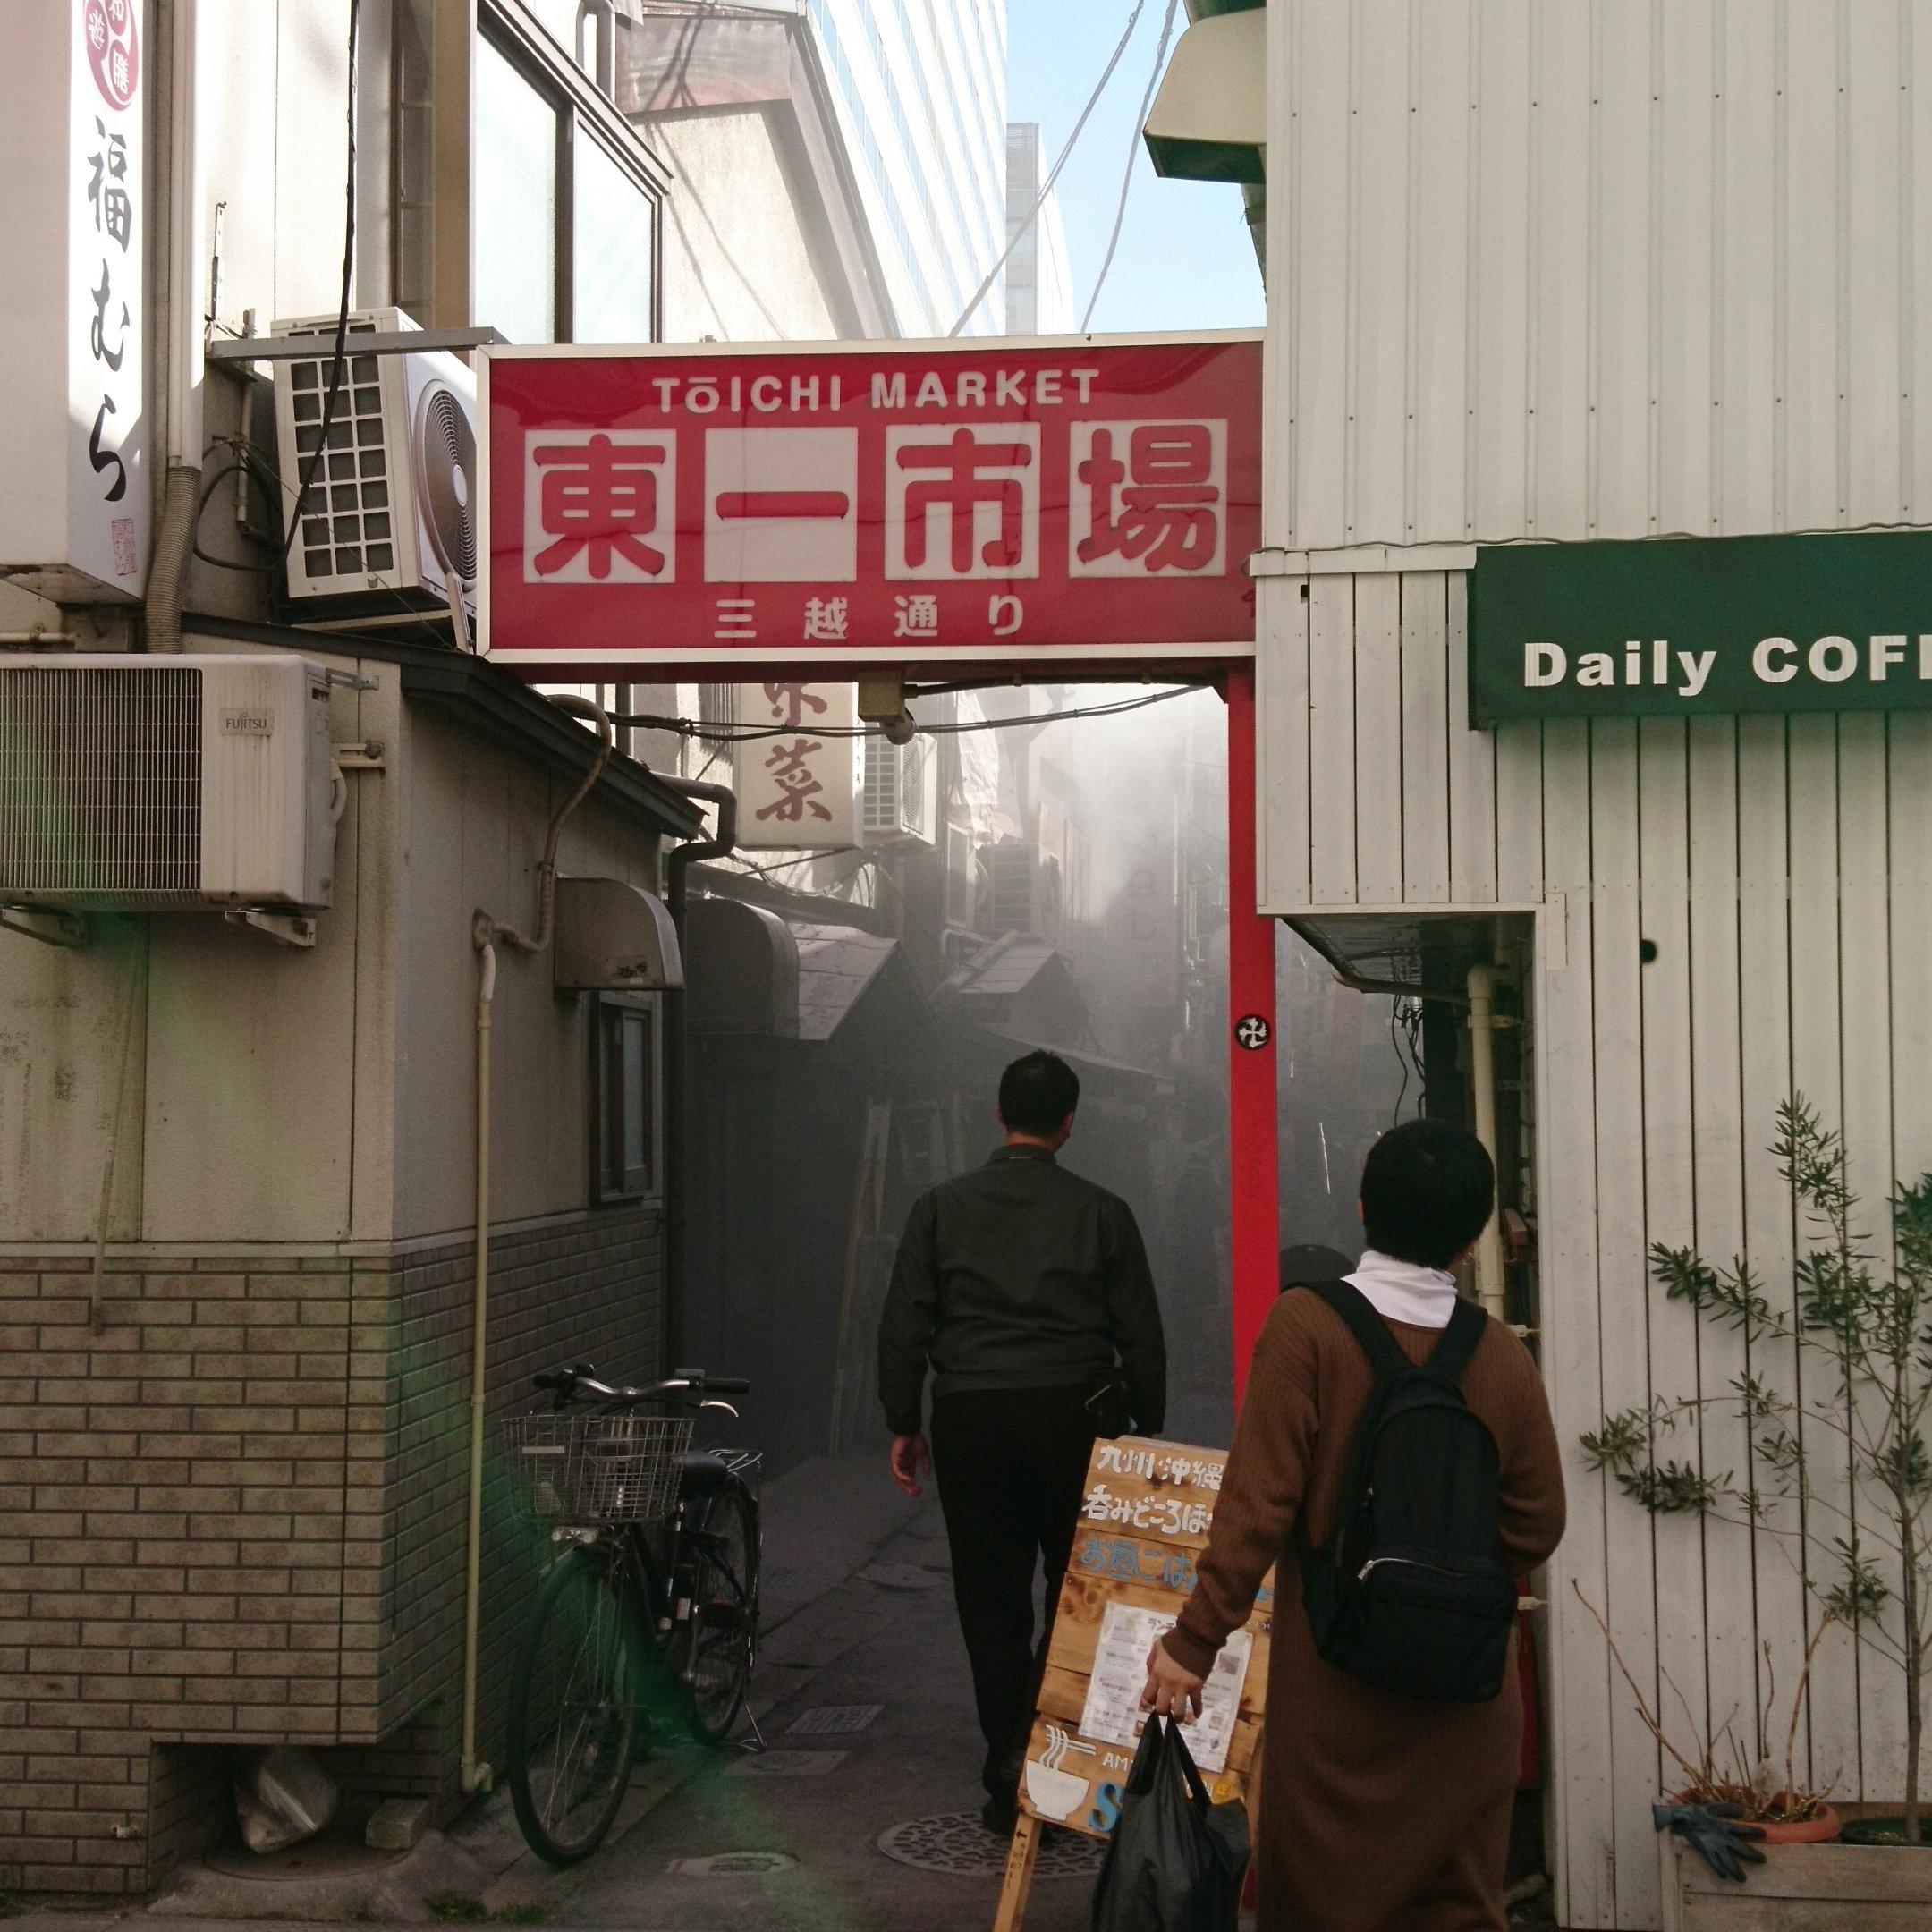 仙台市青葉区一番町で火事が起きている現場の画像